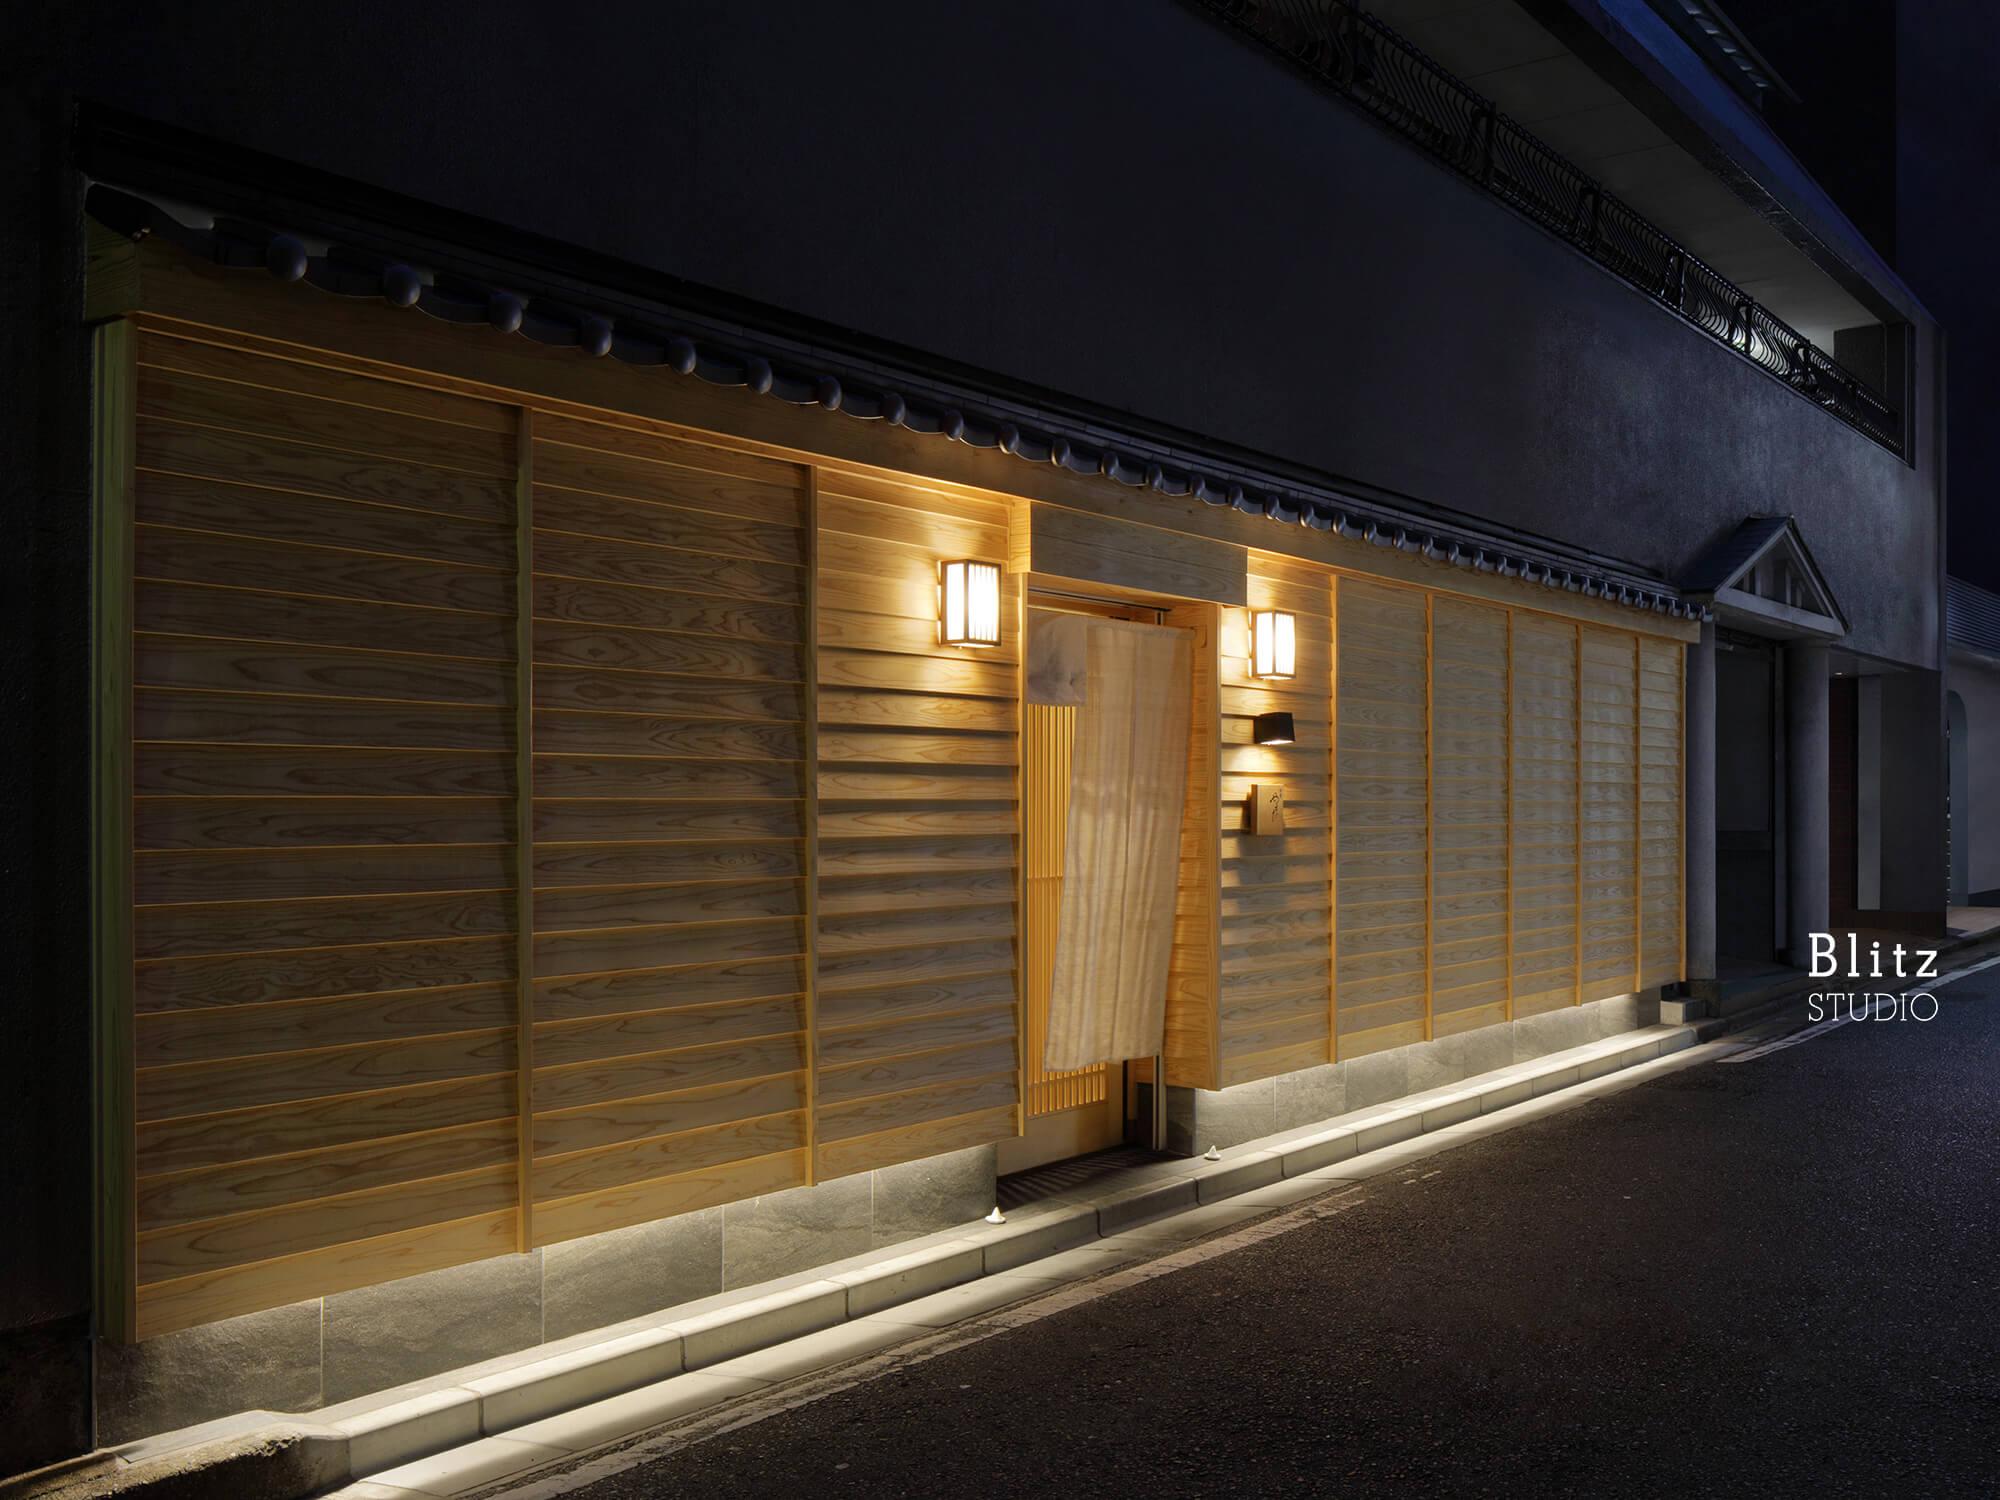 『割烹 やまだ』-北九州市小倉-建築写真・竣工写真・インテリア写真1